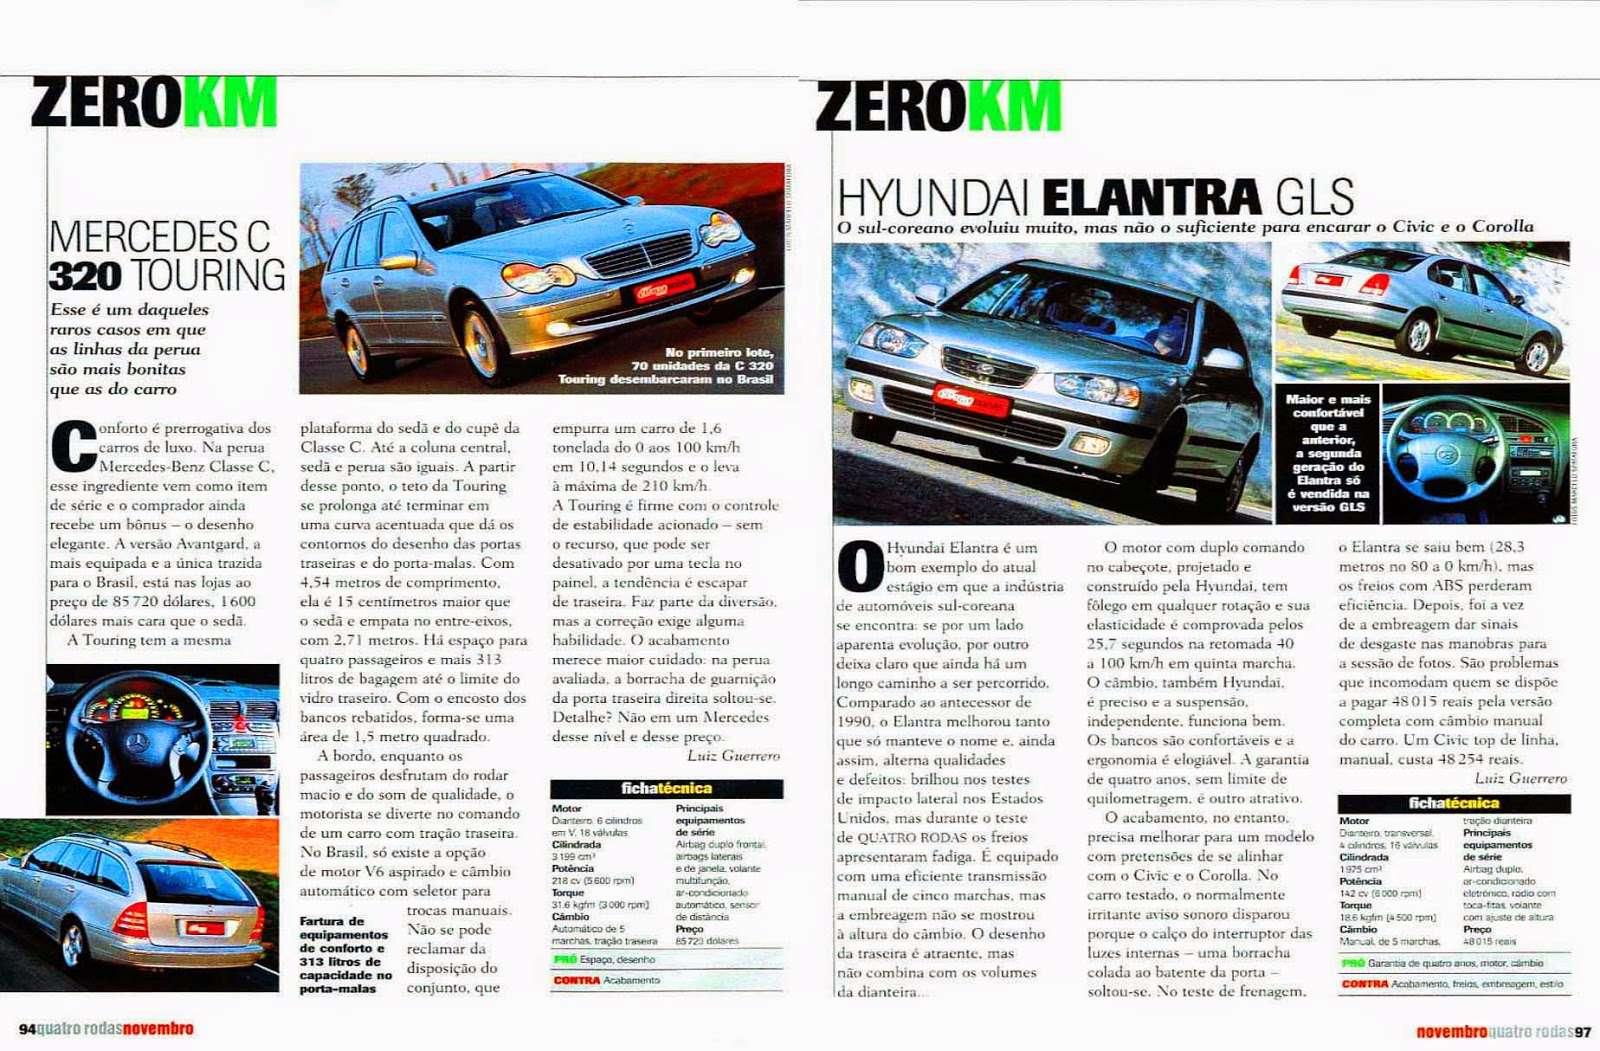 (S203): Avaliação Revista Quatro Rodas - Classe C320 perua - novembro de 2001 72cb3c10